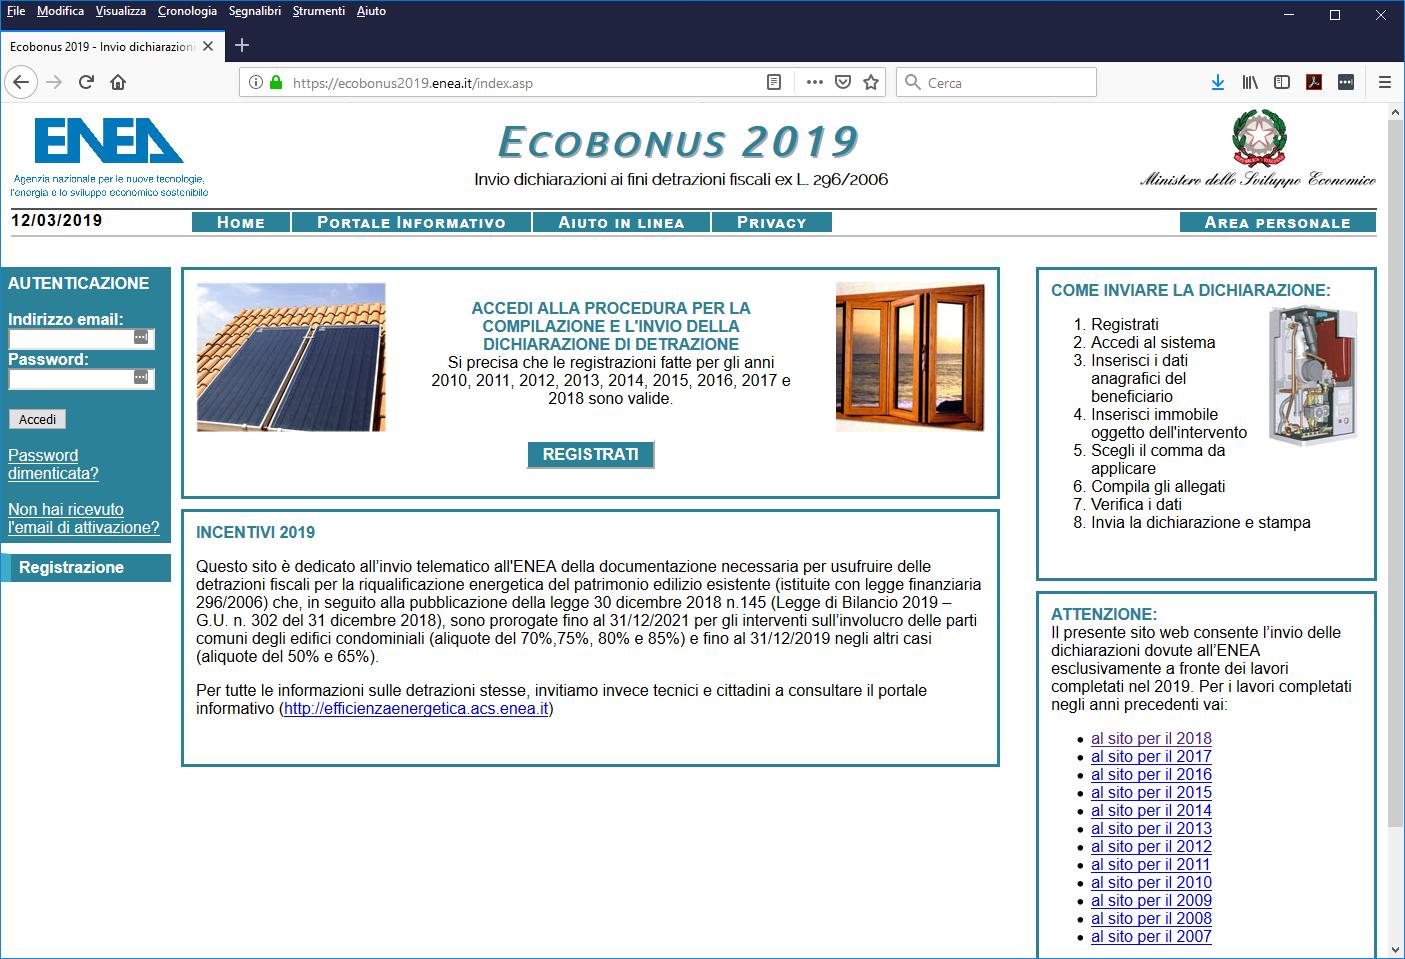 Online il portale ENEA per gli incentivi 2019